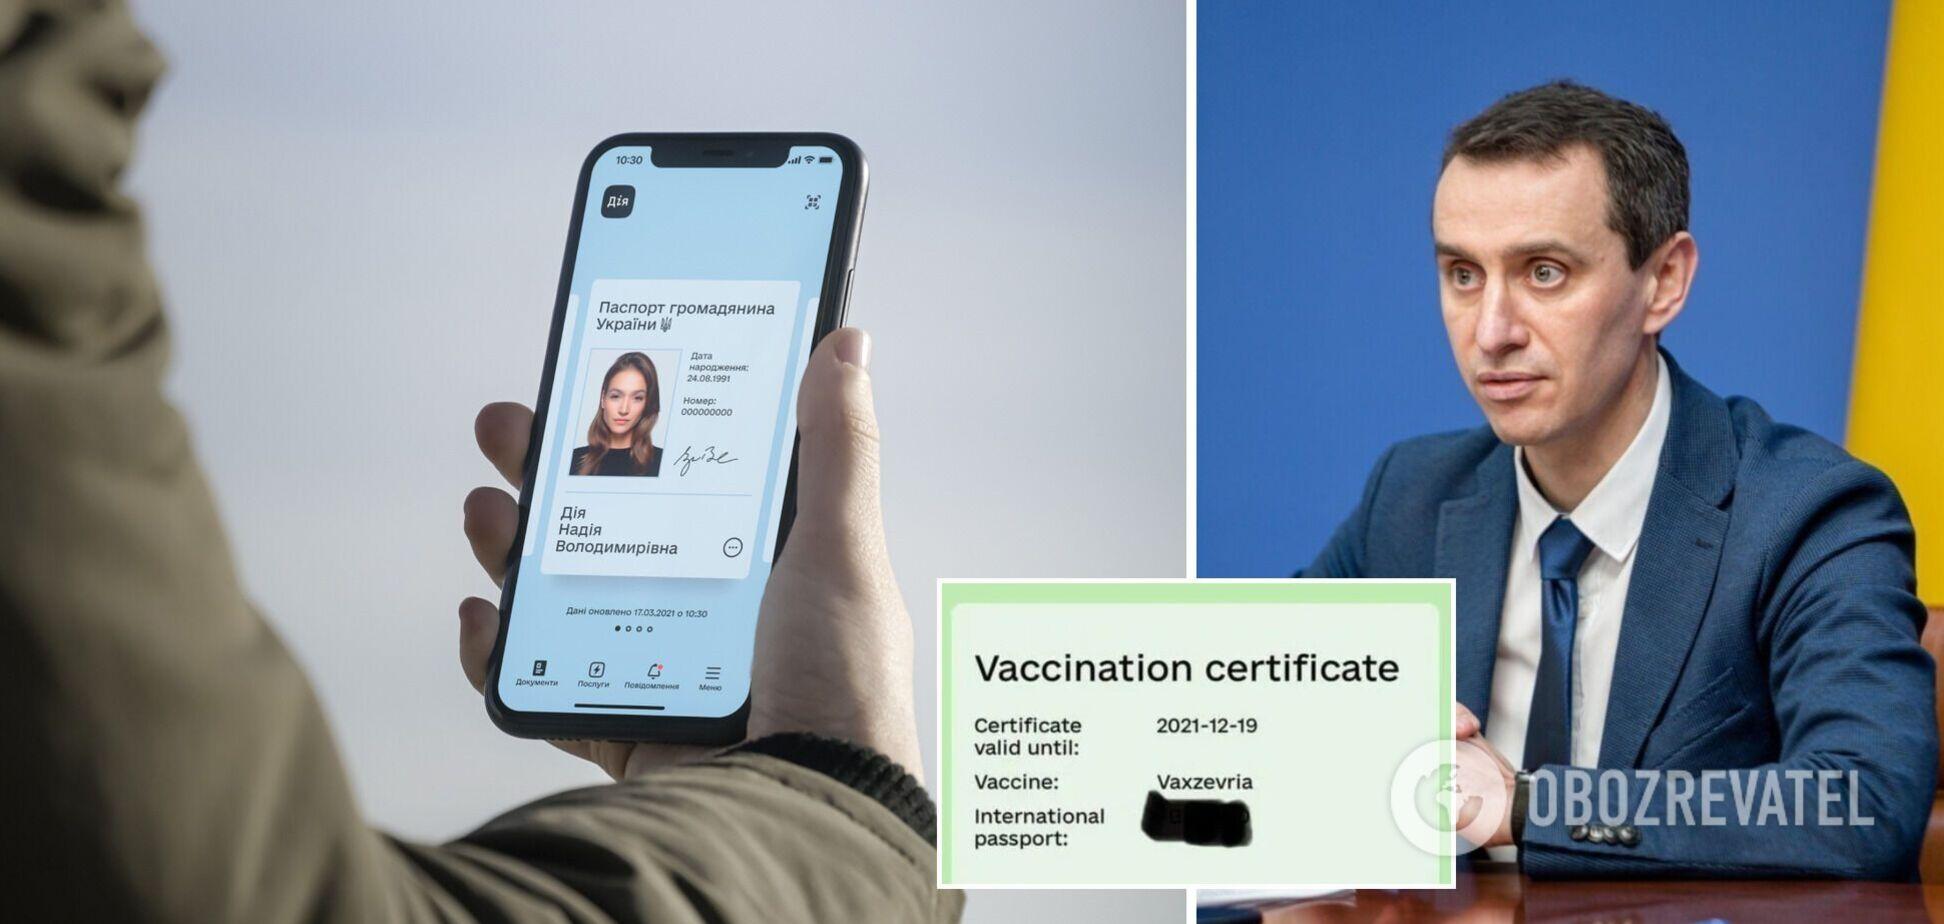 Ляшко рассказал о сроках действия электронных COVID-сертификатов